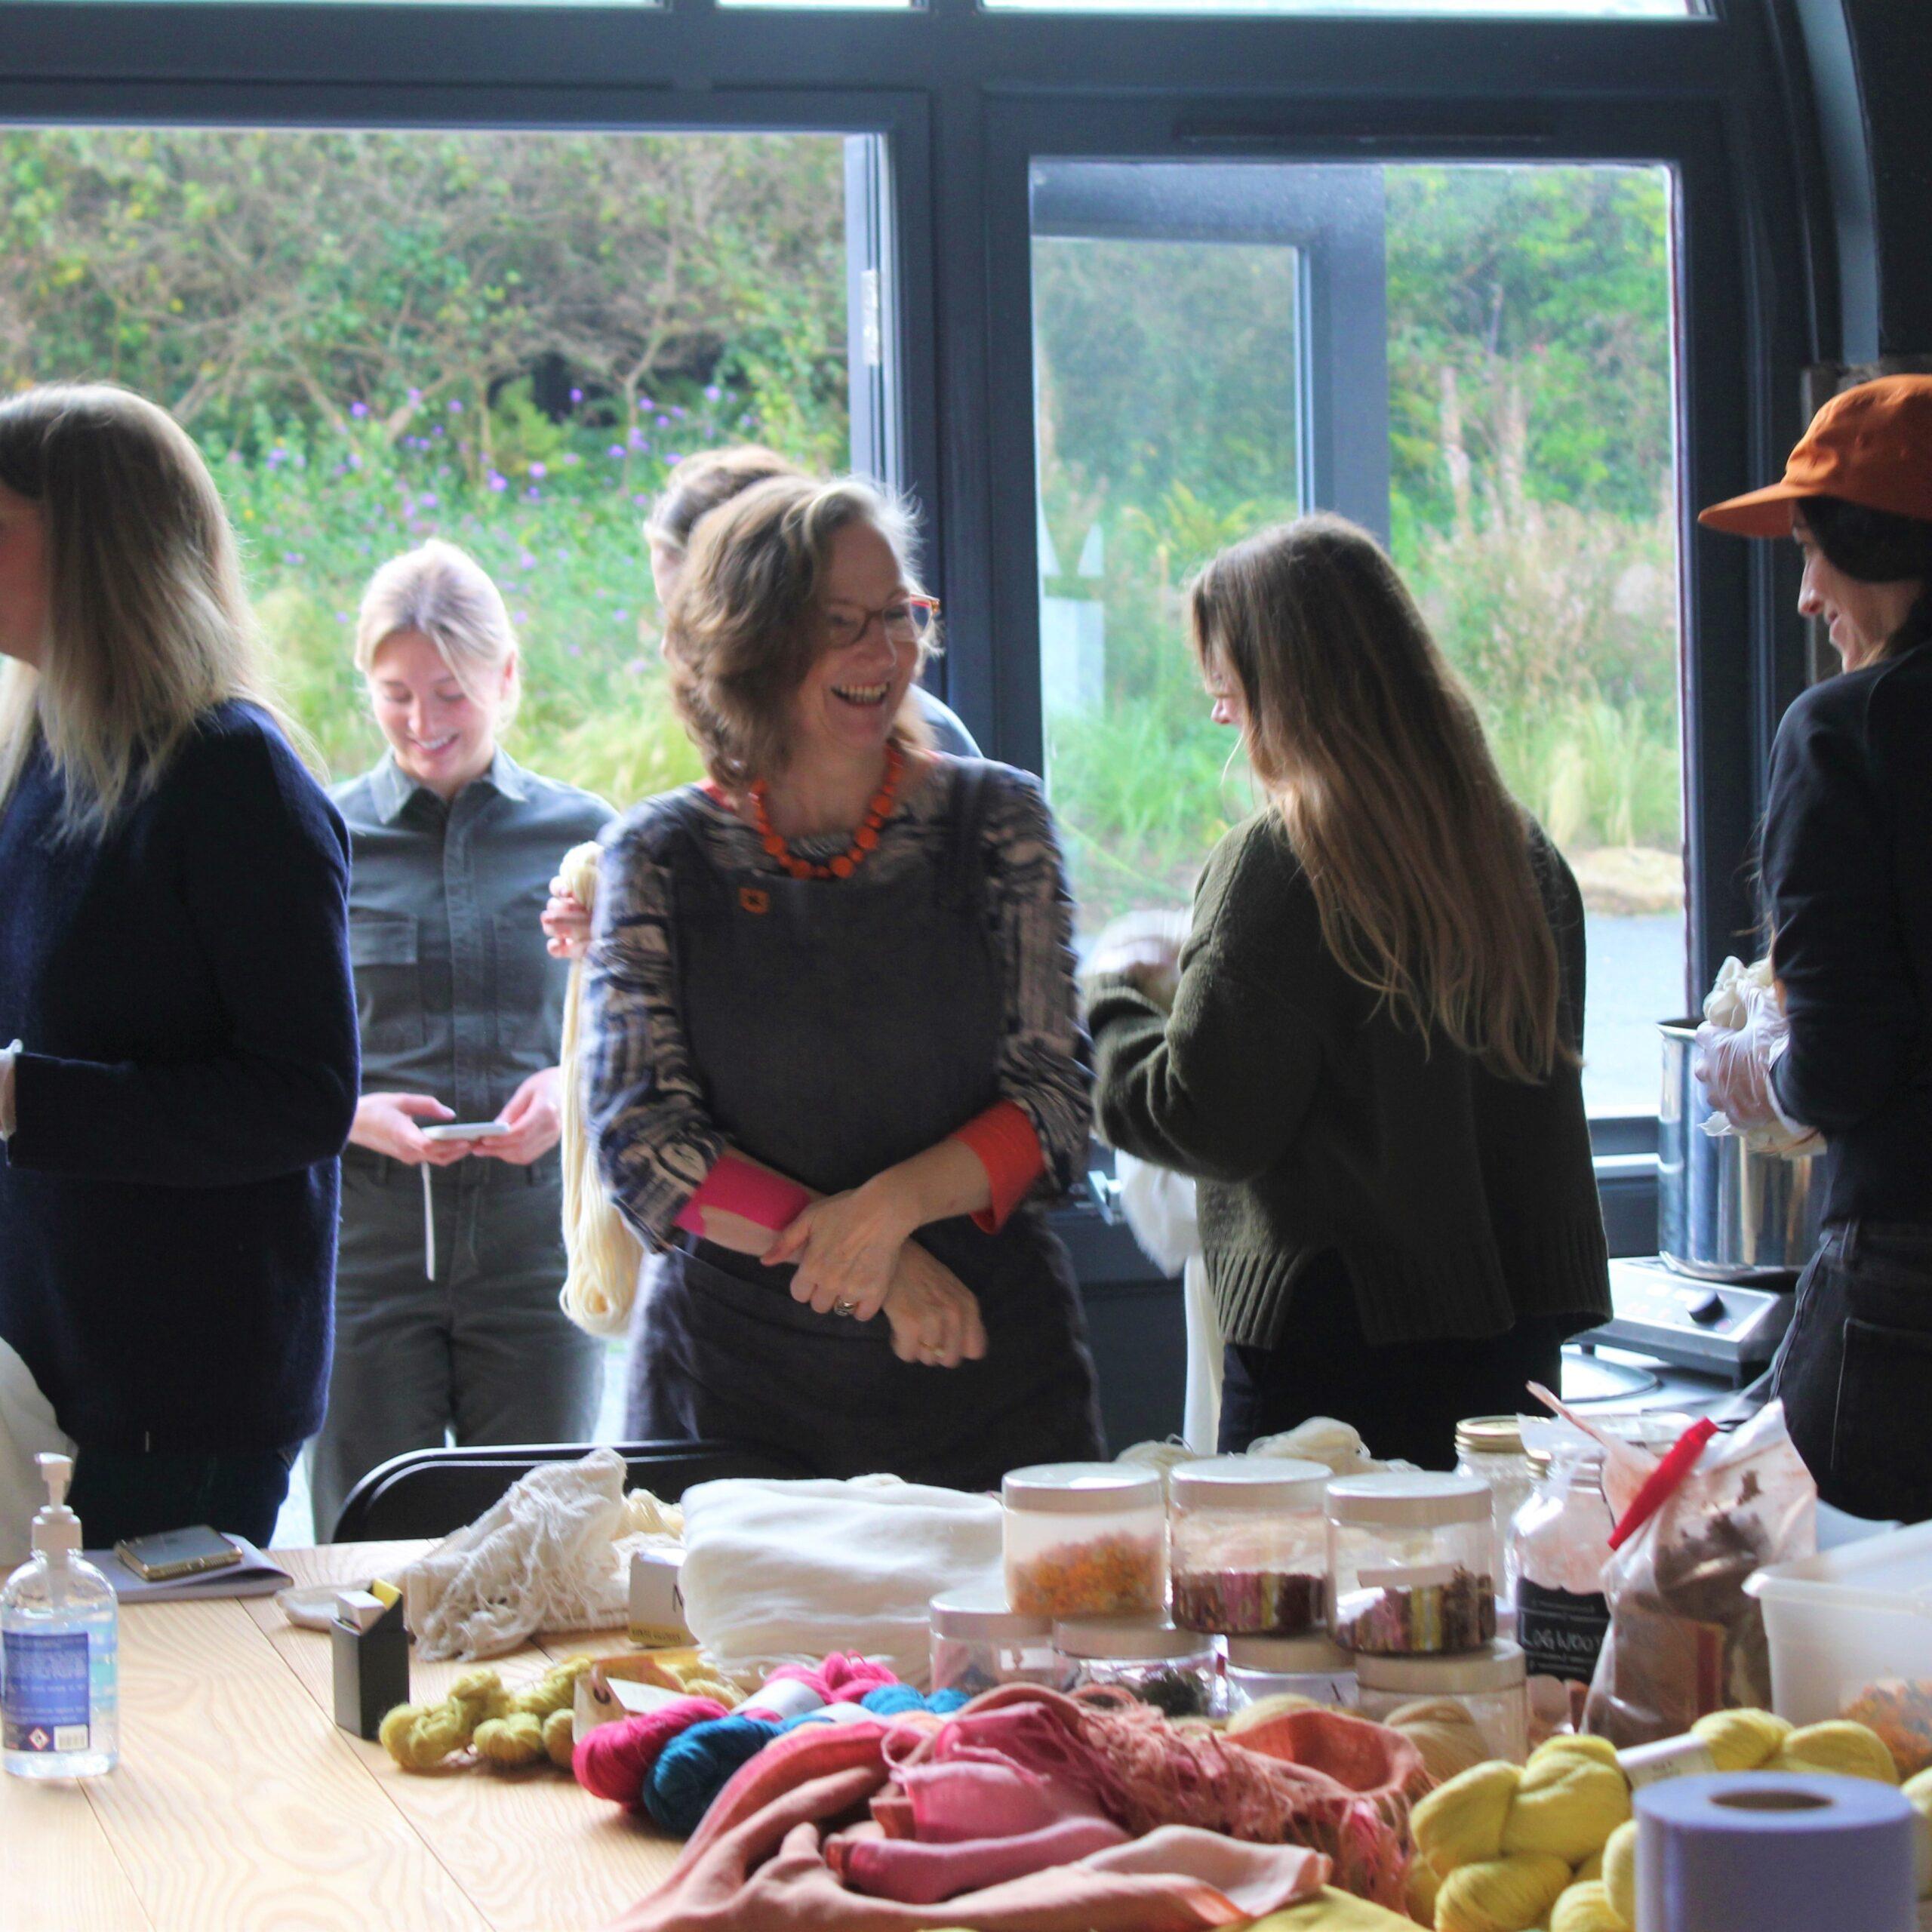 Dye workshops in person